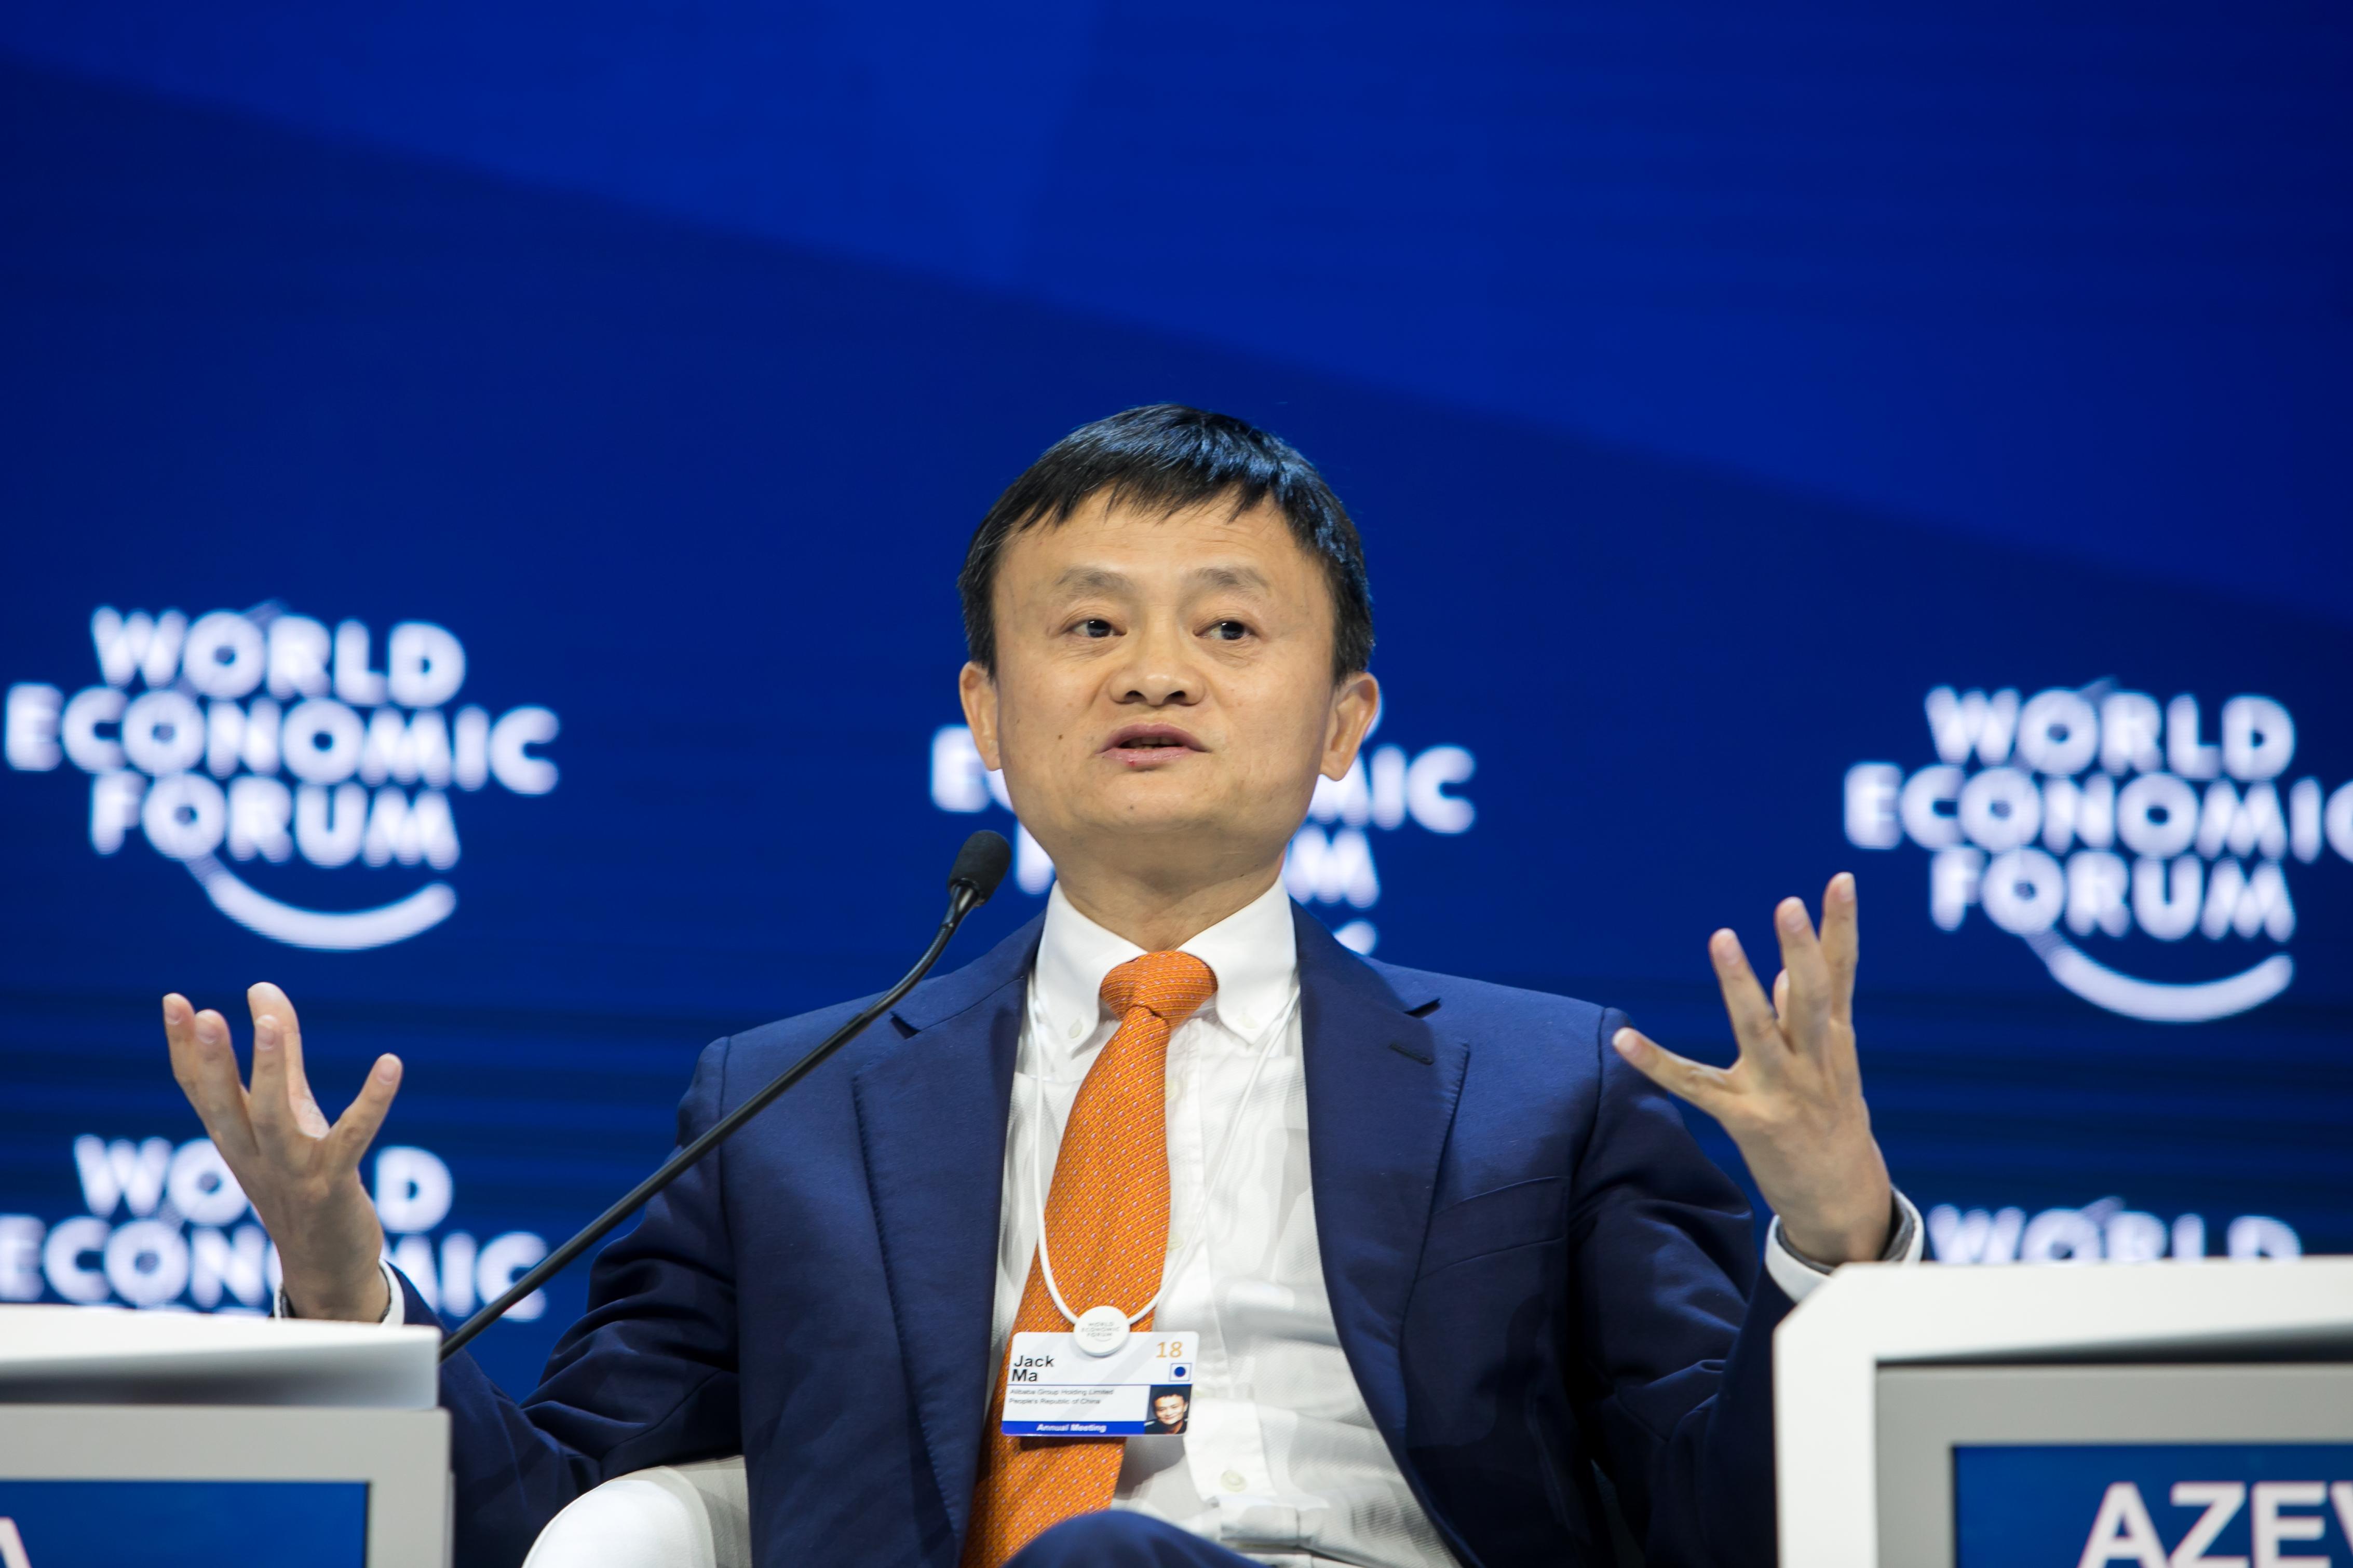 Jack Ma, fundador do Alibaba, desaparece após contraste com governo chinês